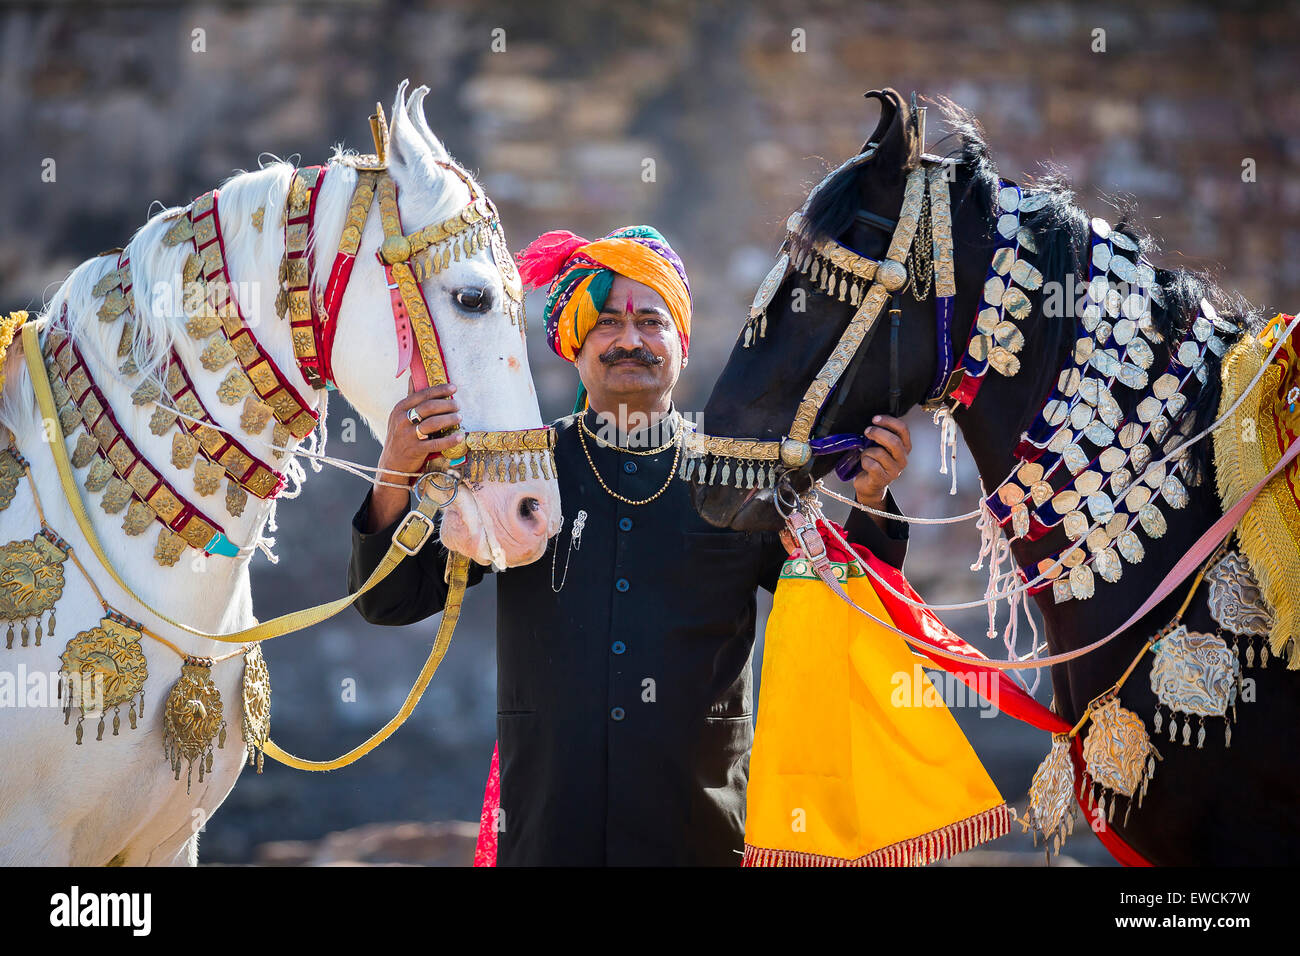 Caballo Marwari. Par de decorado caballos bailando con el orgulloso propietario. Rajasthan, India Imagen De Stock